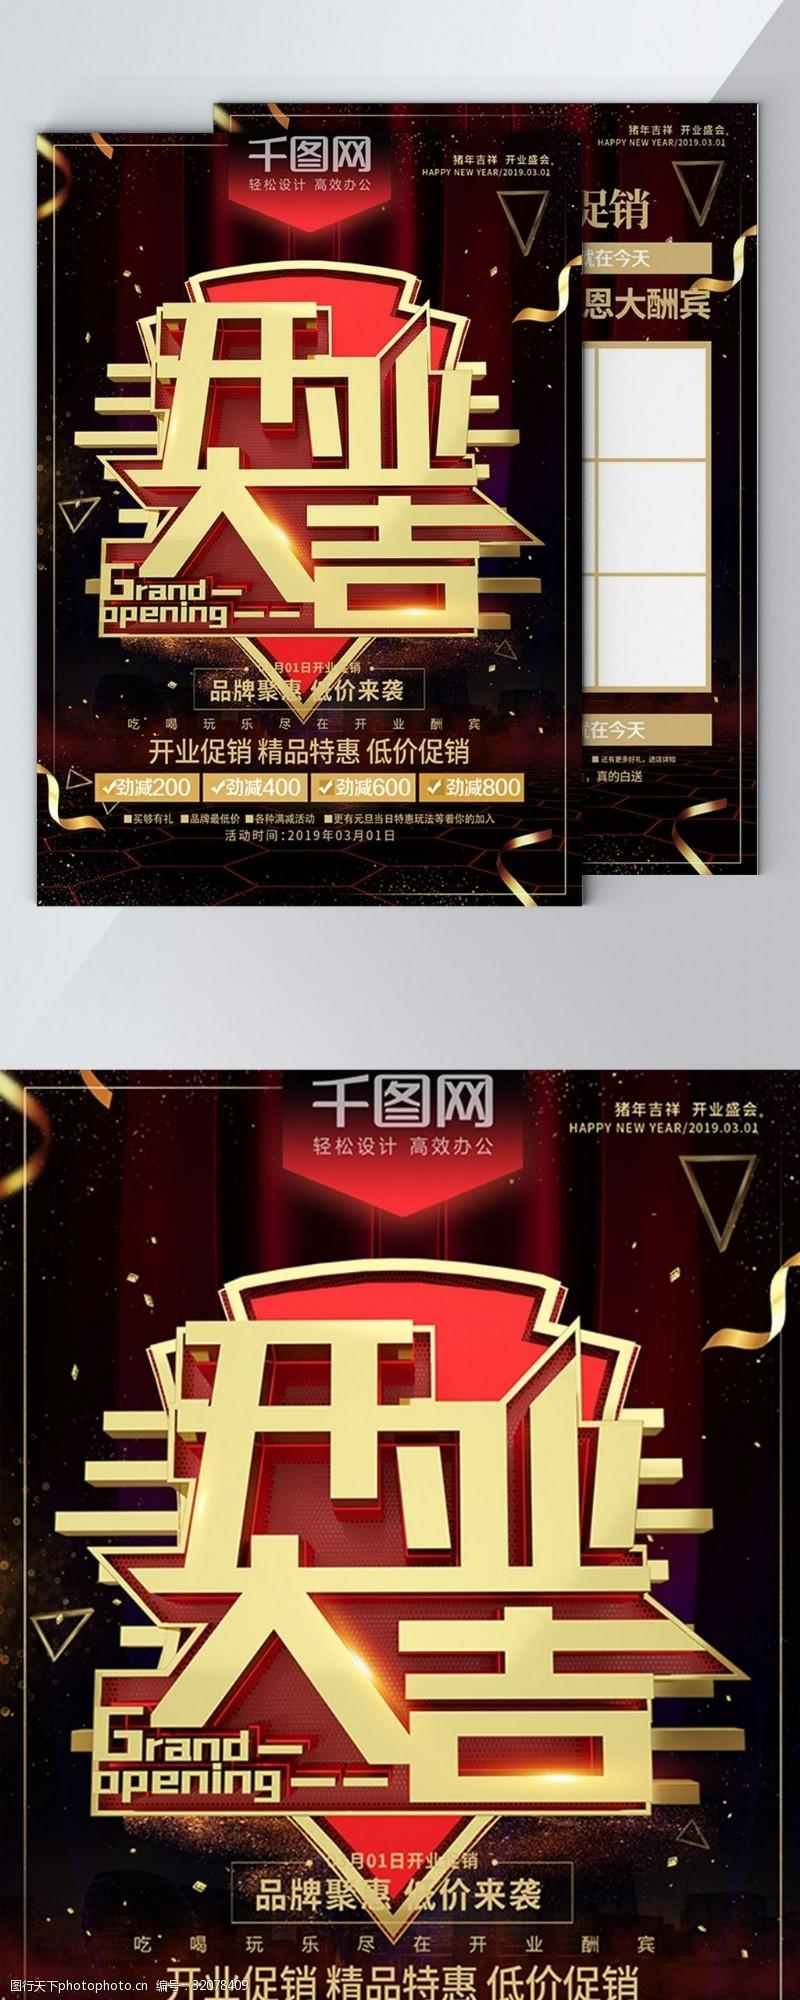 开业盛会开业大吉黑金酷炫促销宣传单